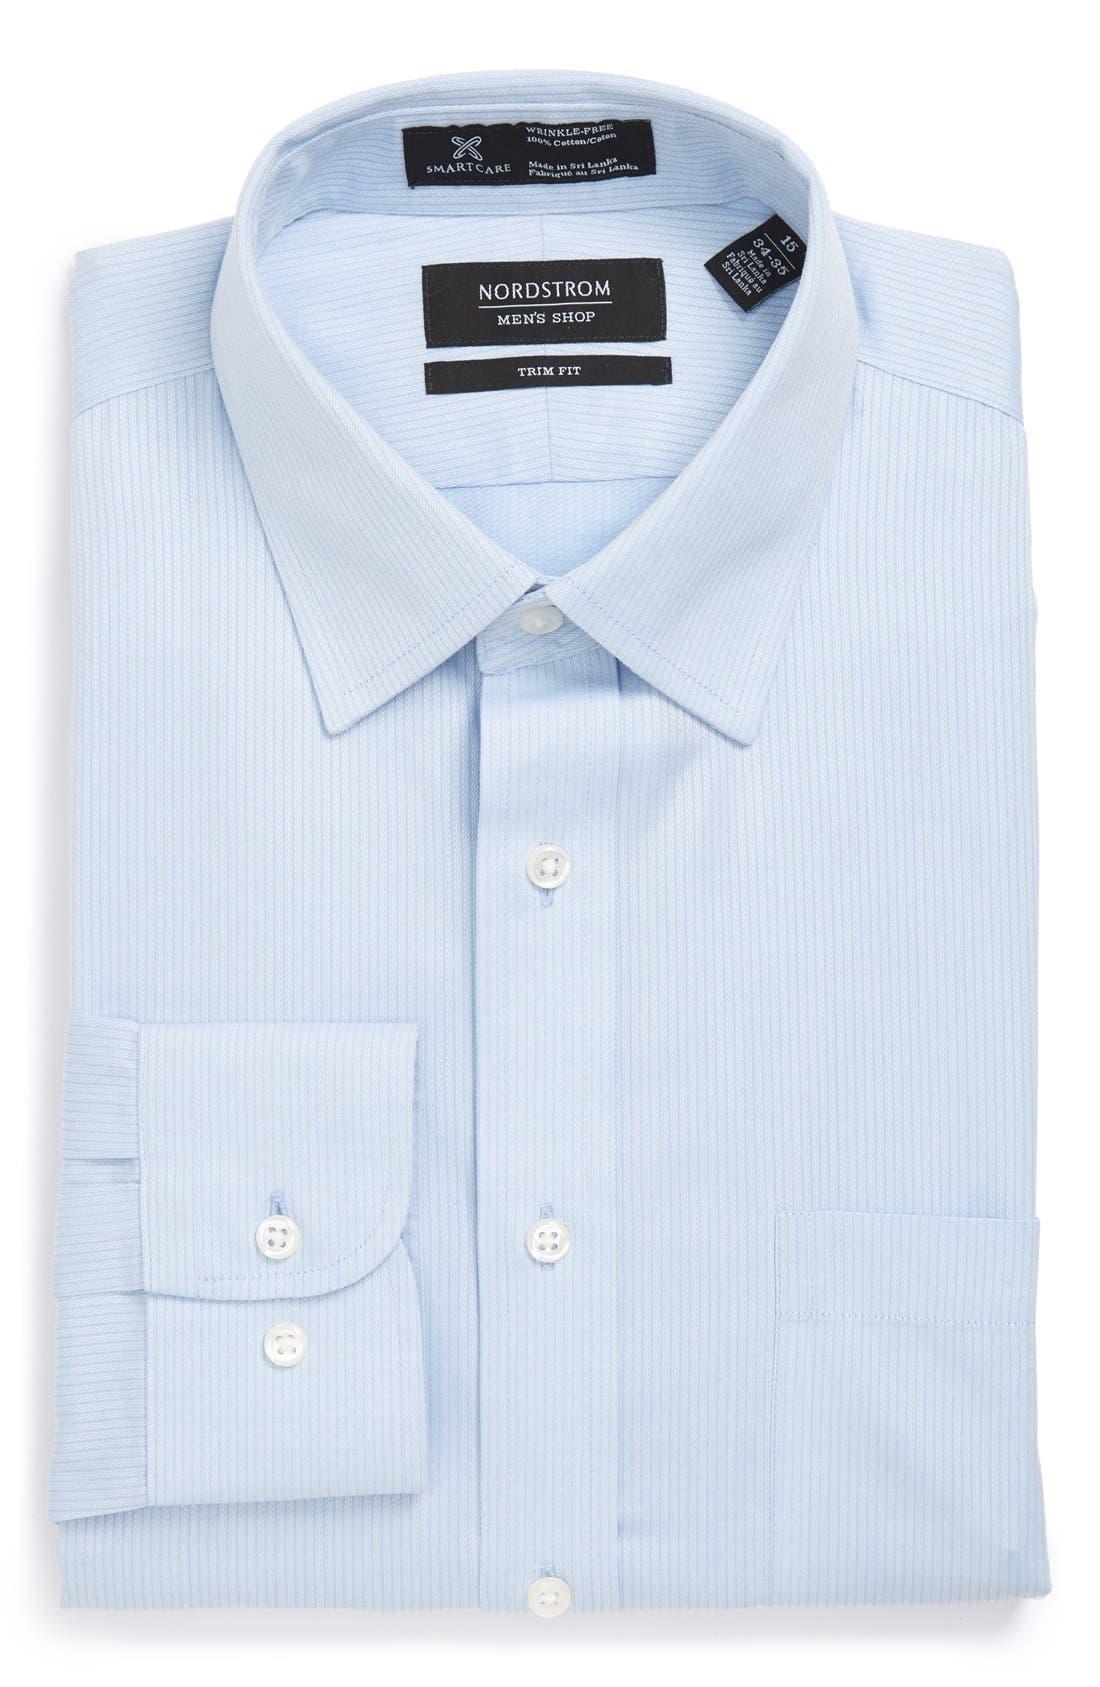 Alternate Image 1 Selected - Nordstrom Men's Shop Smartcare™ Trim Fit Dress Shirt